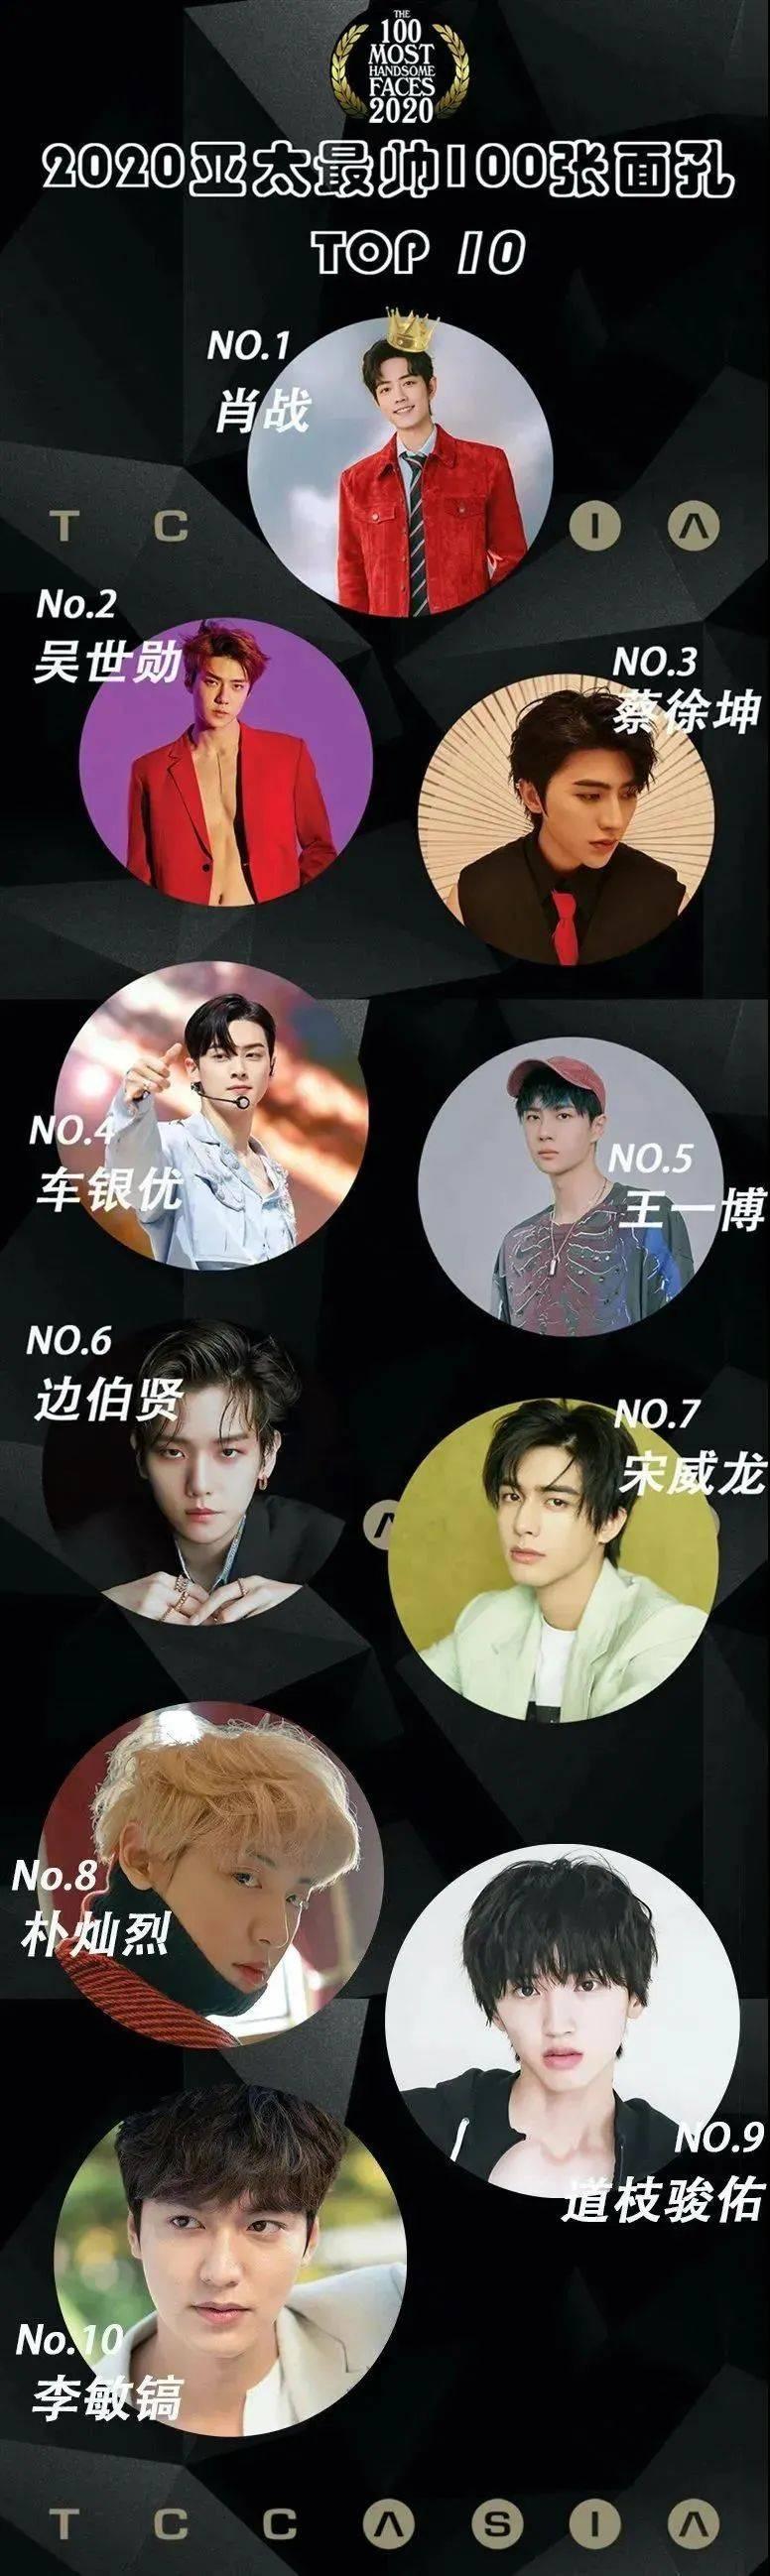 2020亚太最帅100张面排行榜_2020亚太区最帅100张脸,第1名就是中国人,国产帅哥